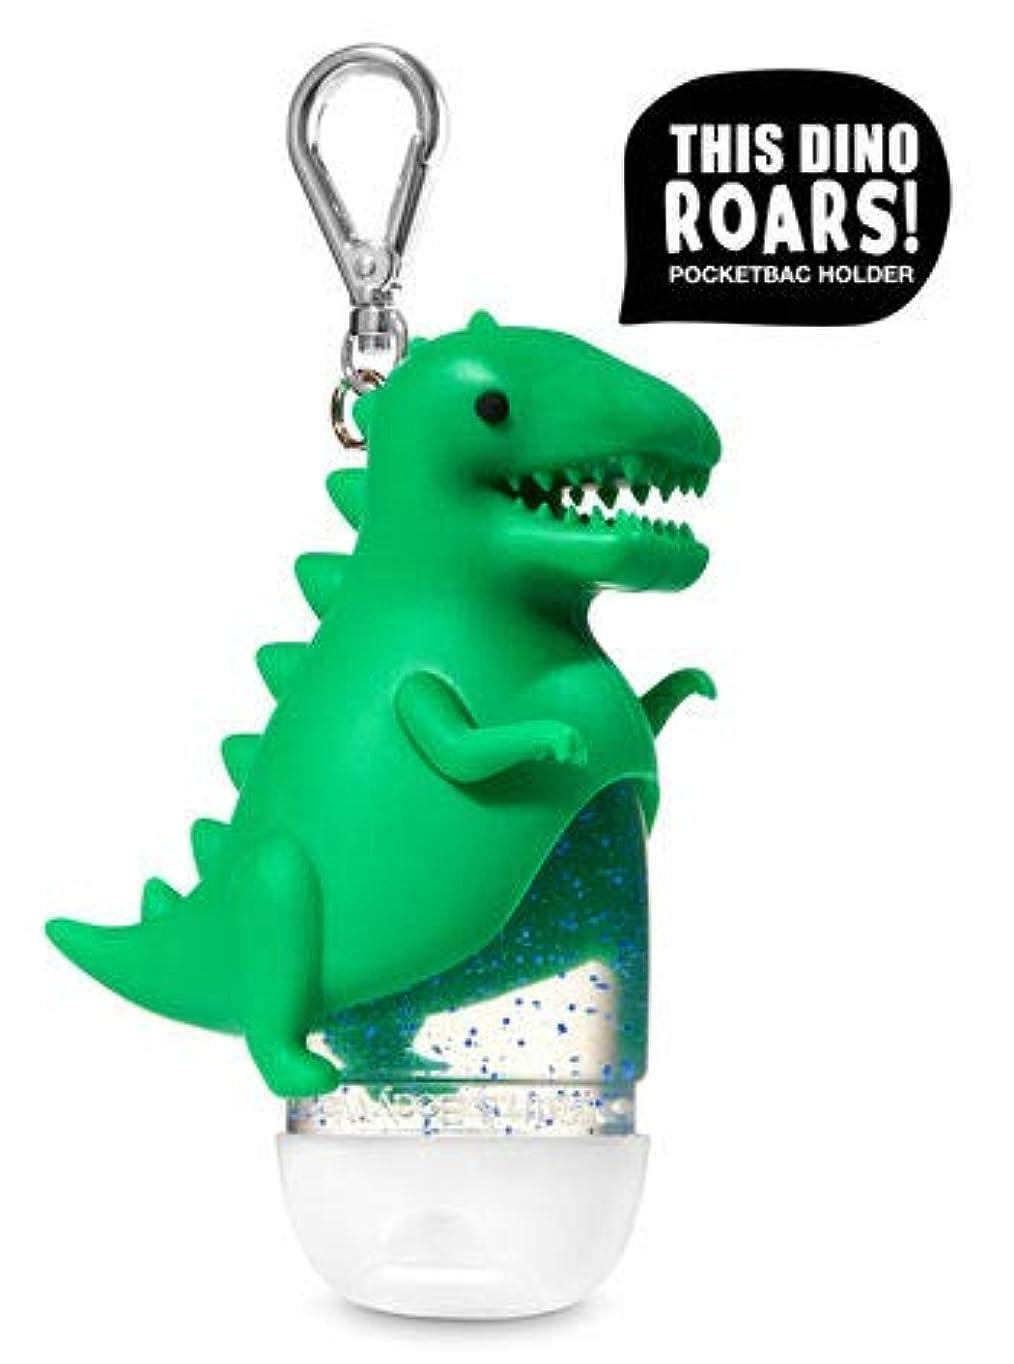 手足である慣性【Bath&Body Works/バス&ボディワークス】 抗菌ハンドジェルホルダー ロアリングダイナソー Pocketbac Holder Roaring Dinosaur [並行輸入品]